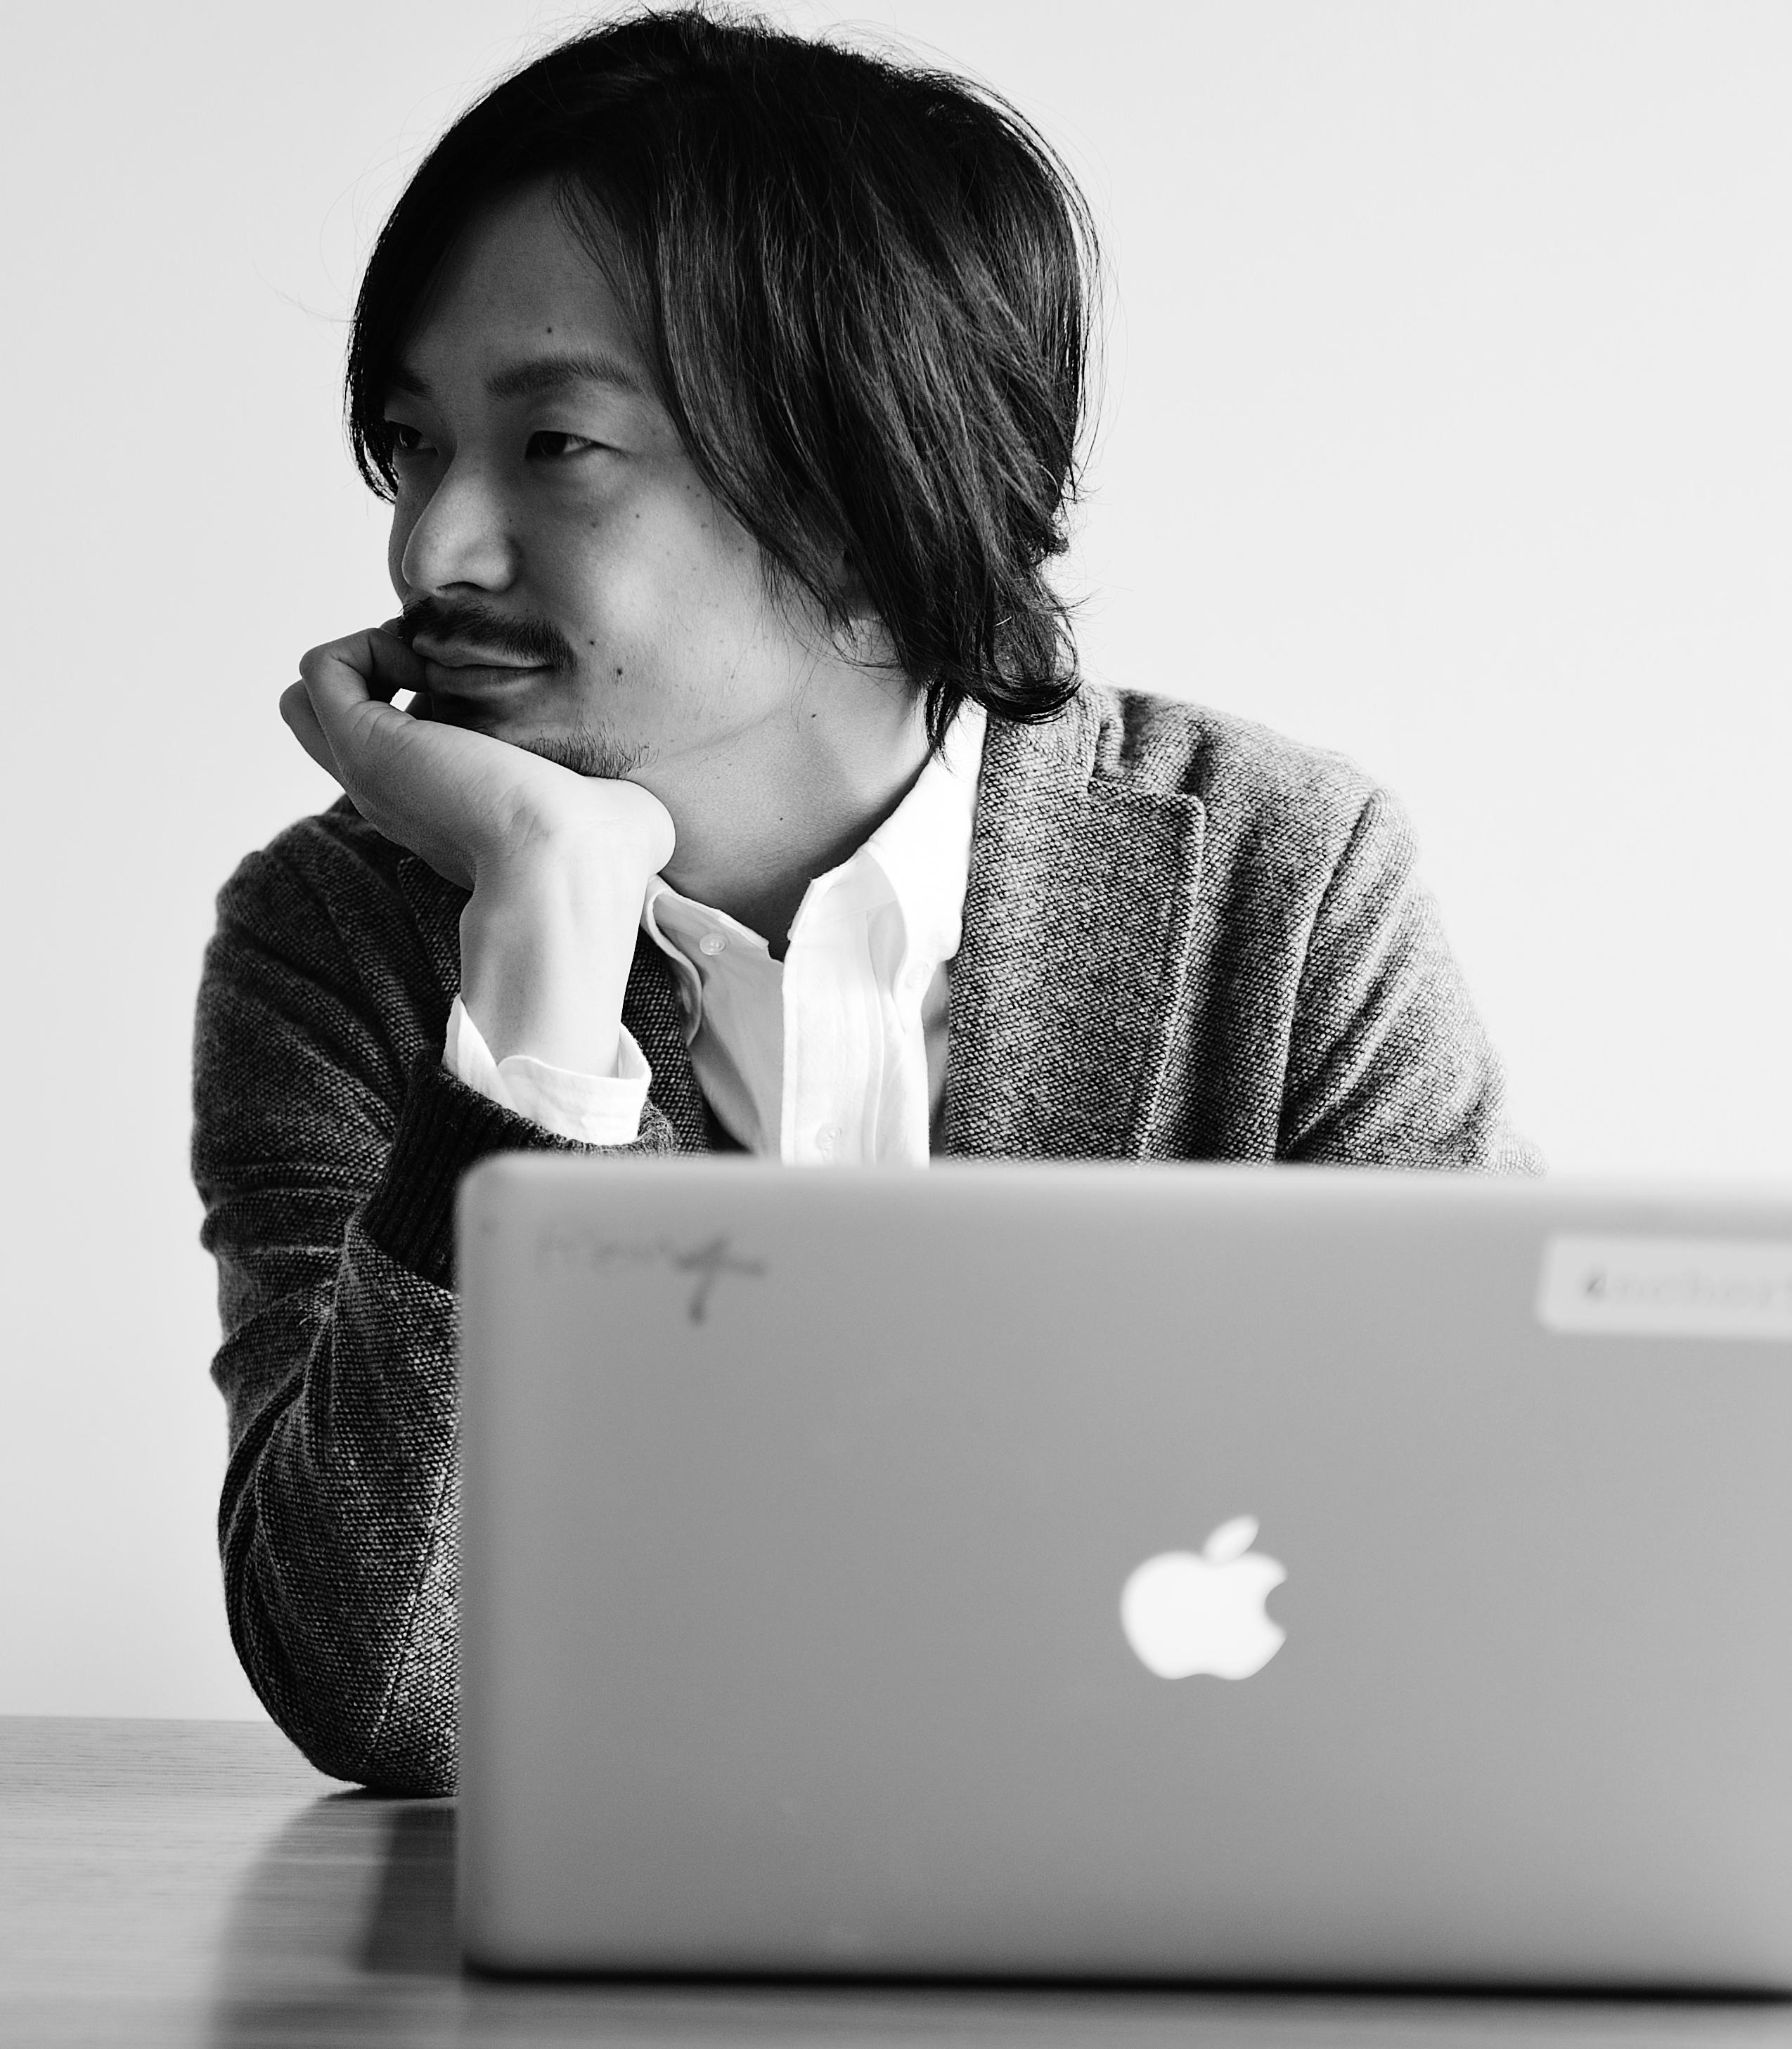 daito_profile_picture_2011